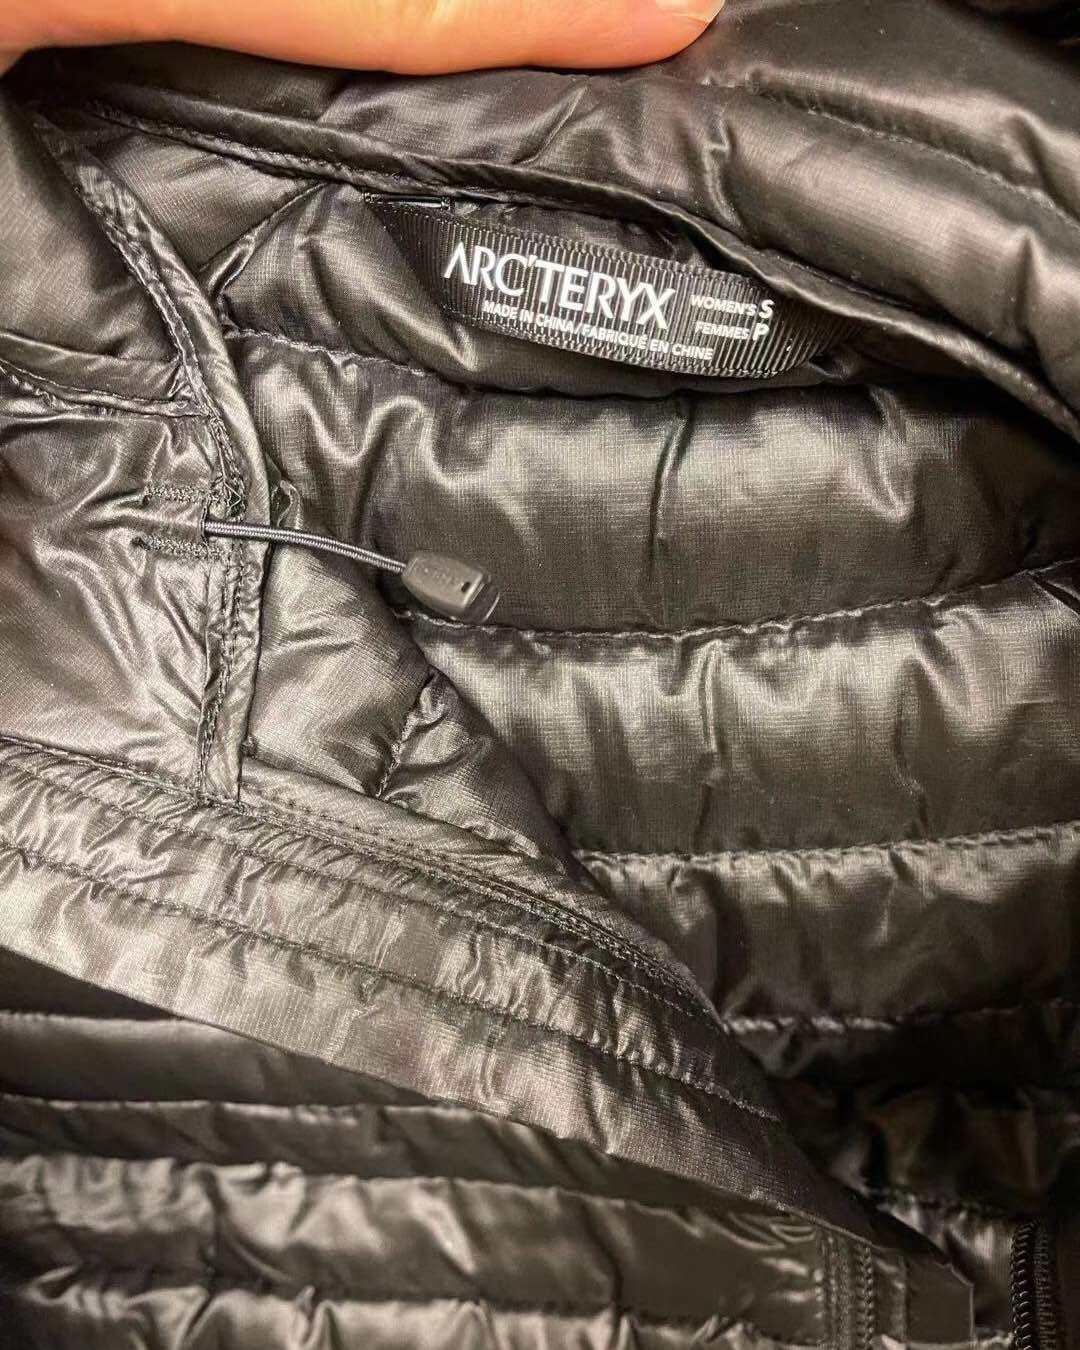 始祖鸟羽绒服  轻薄又保暖💗 颜色:黑色~ 搭高领毛巾非常